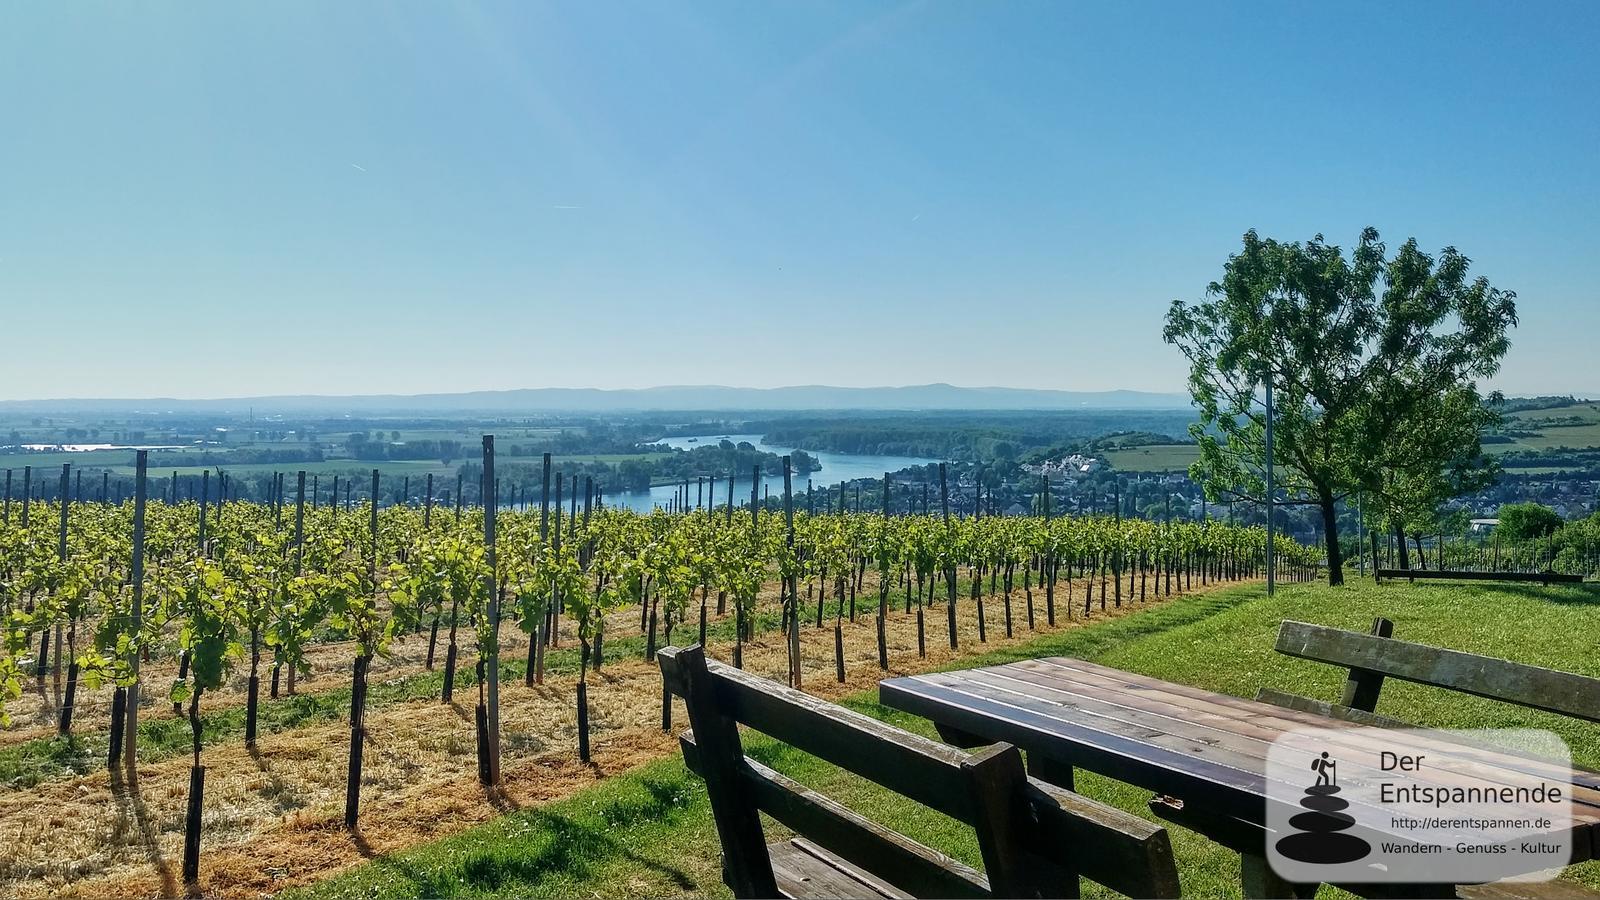 Empfehlungen zum Verweilen und Erleben für den Rheinterrassenweg